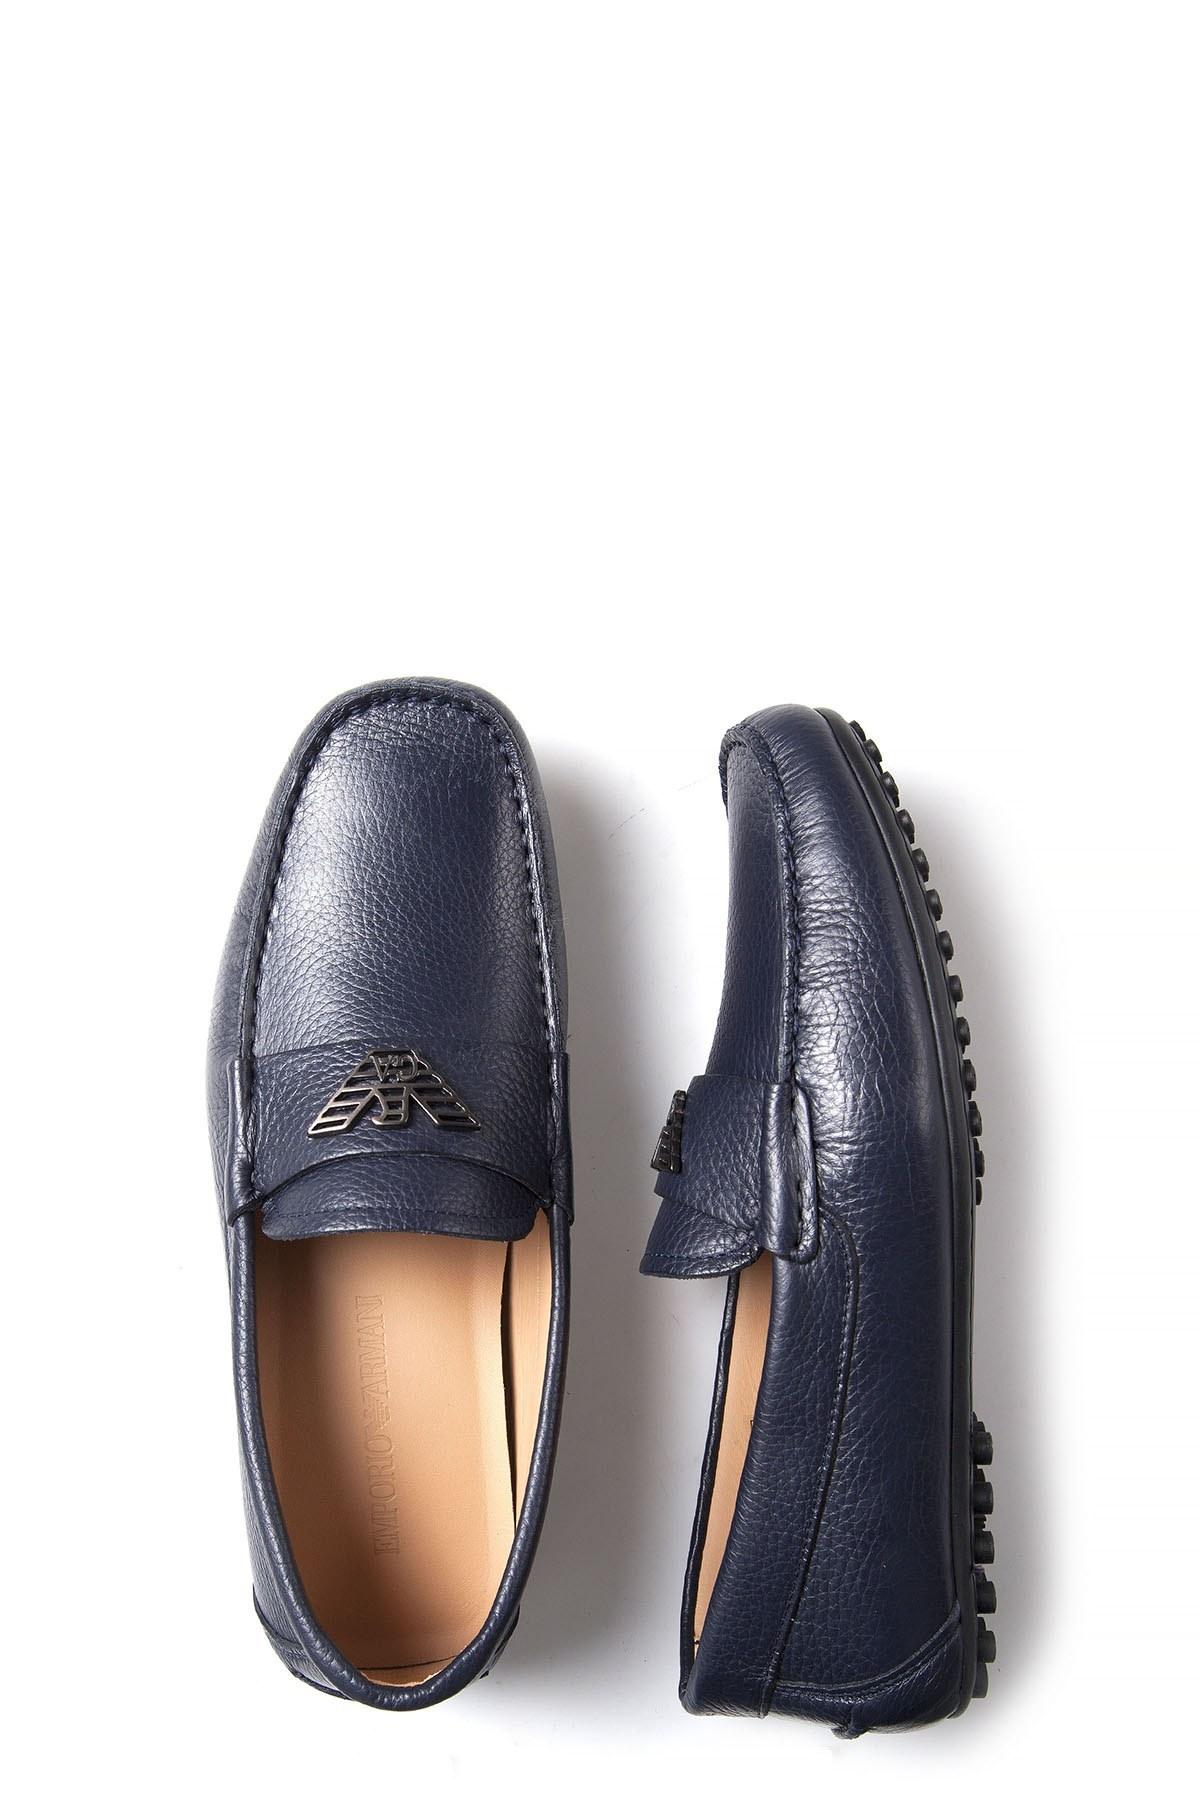 EMPORIO ARMANI Erkek Ayakkabı X4B064 XC542 00006 LACİVERT